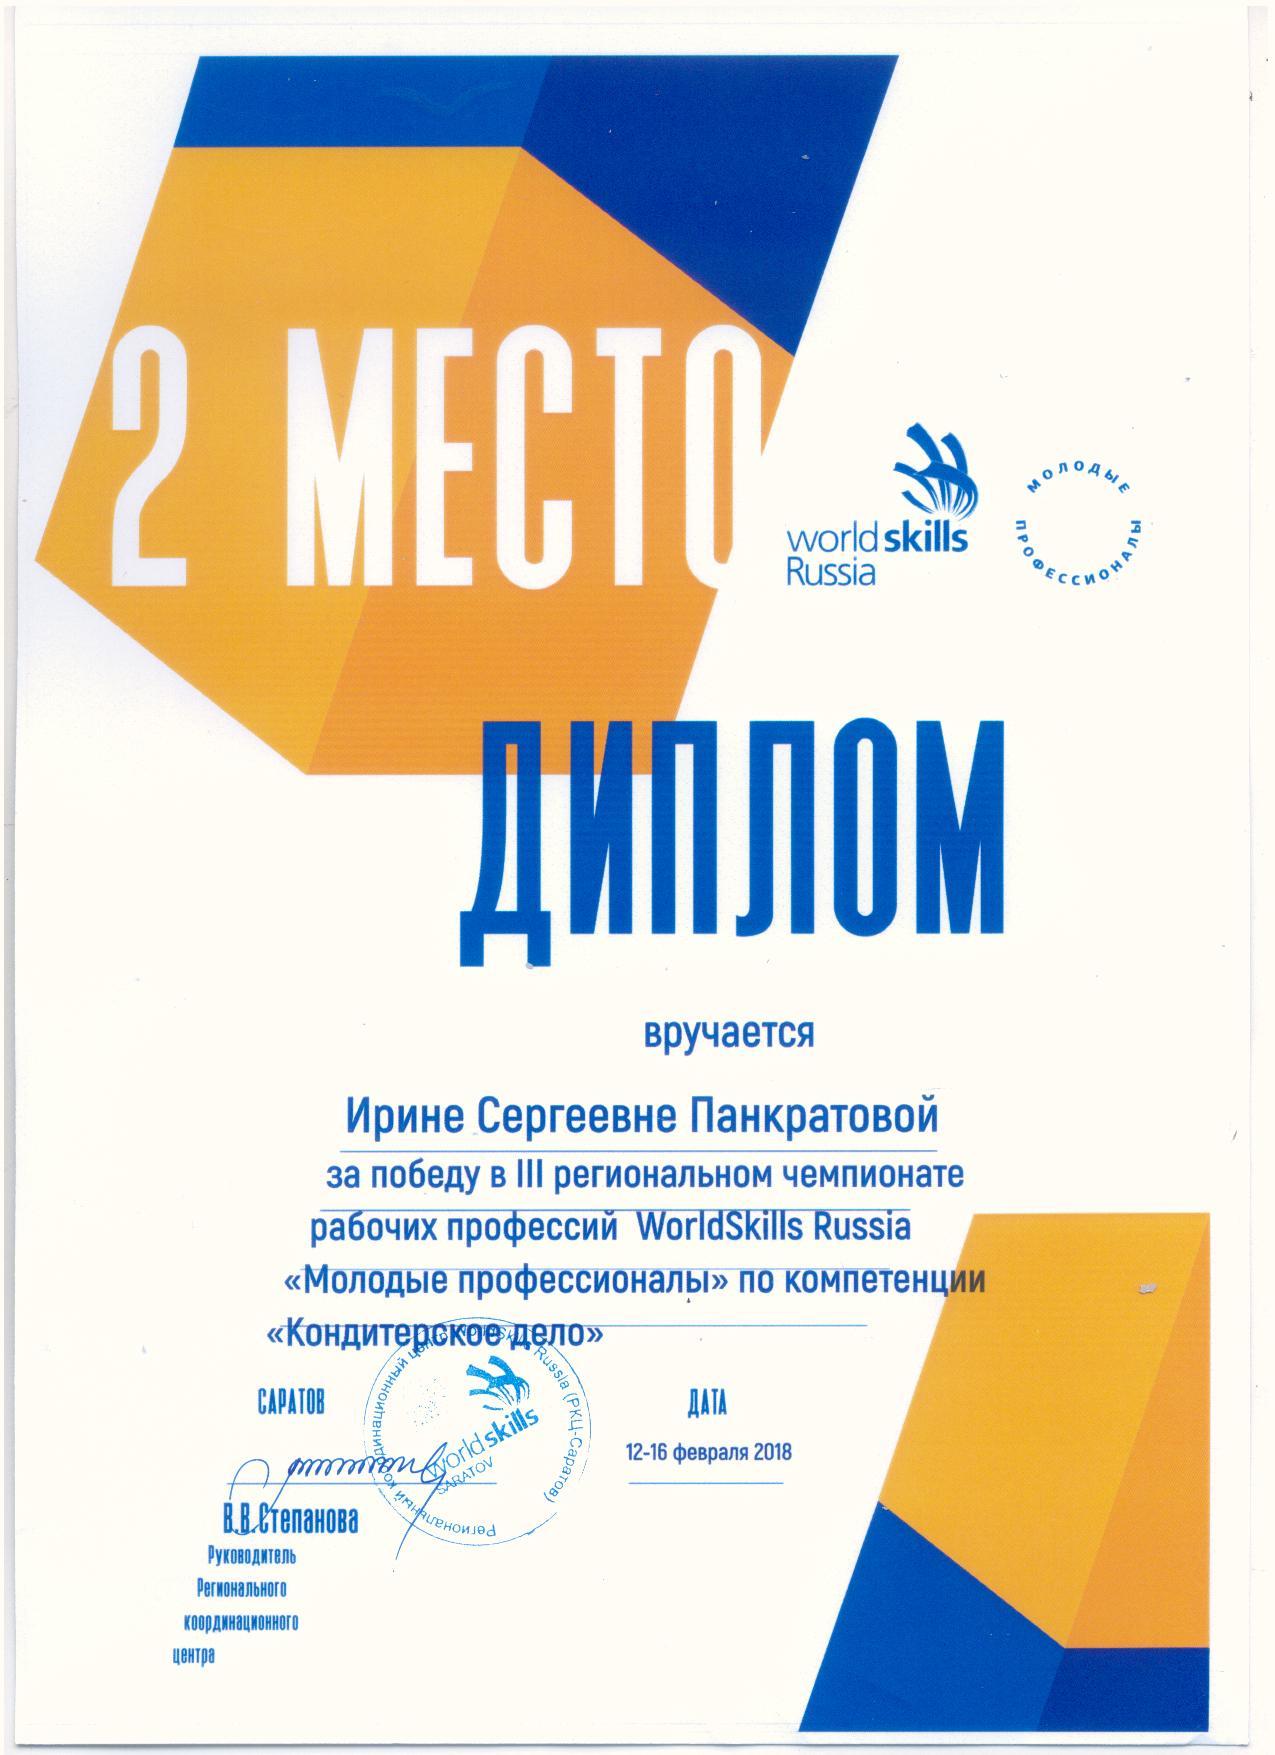 http://politehnikum-eng.ru/2018/02_19/86.jpg